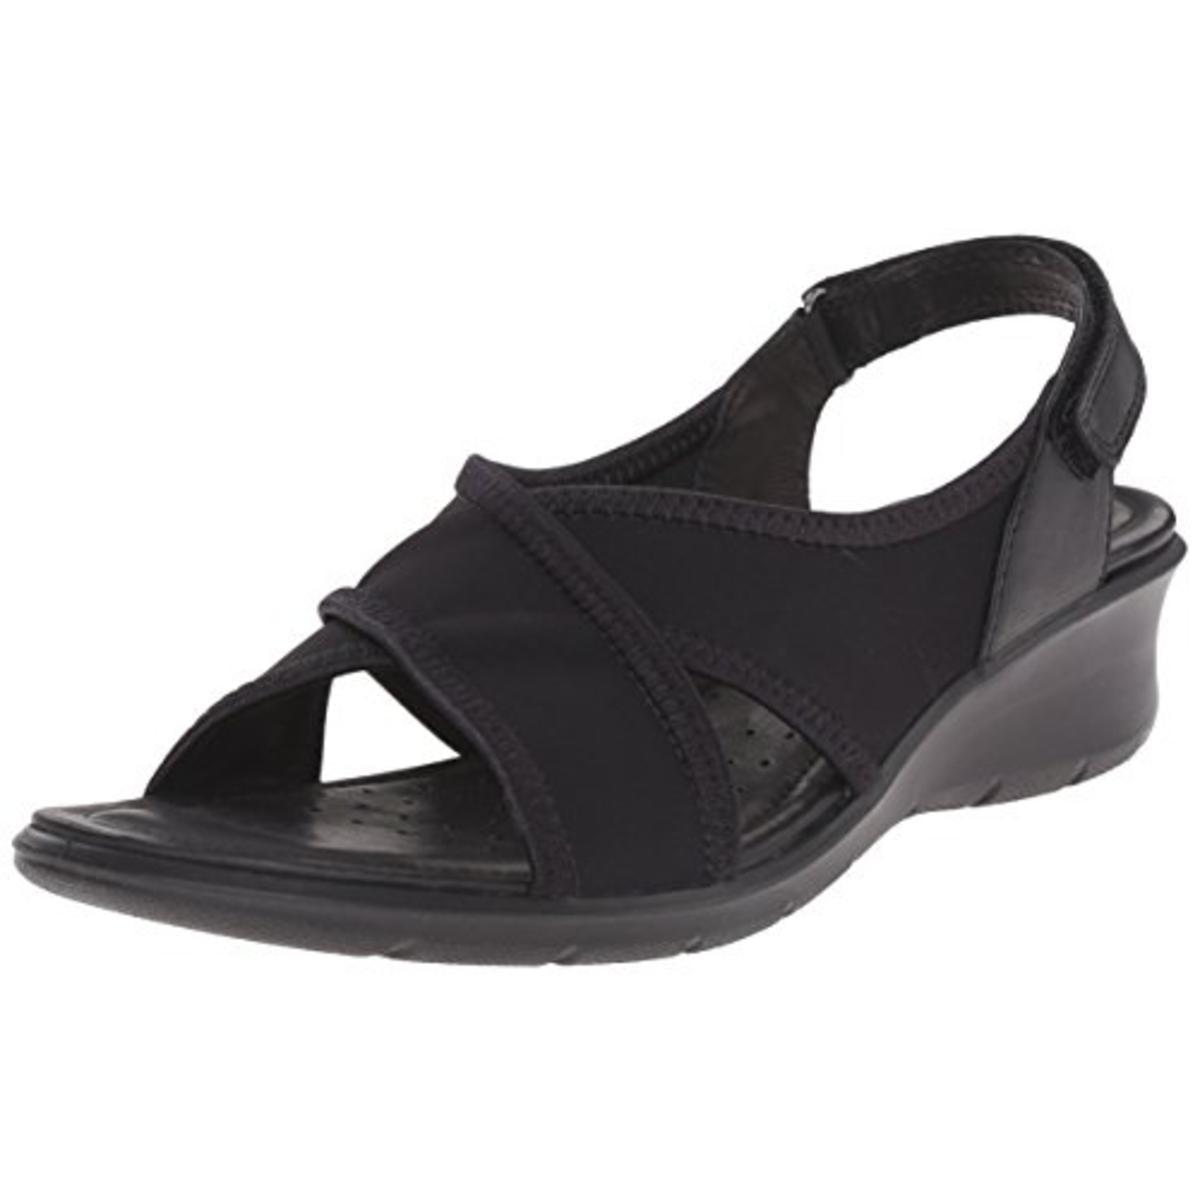 ECCO Womens Felicia Sandal Leather Mini Wedge Slingback Sandals by Ecco